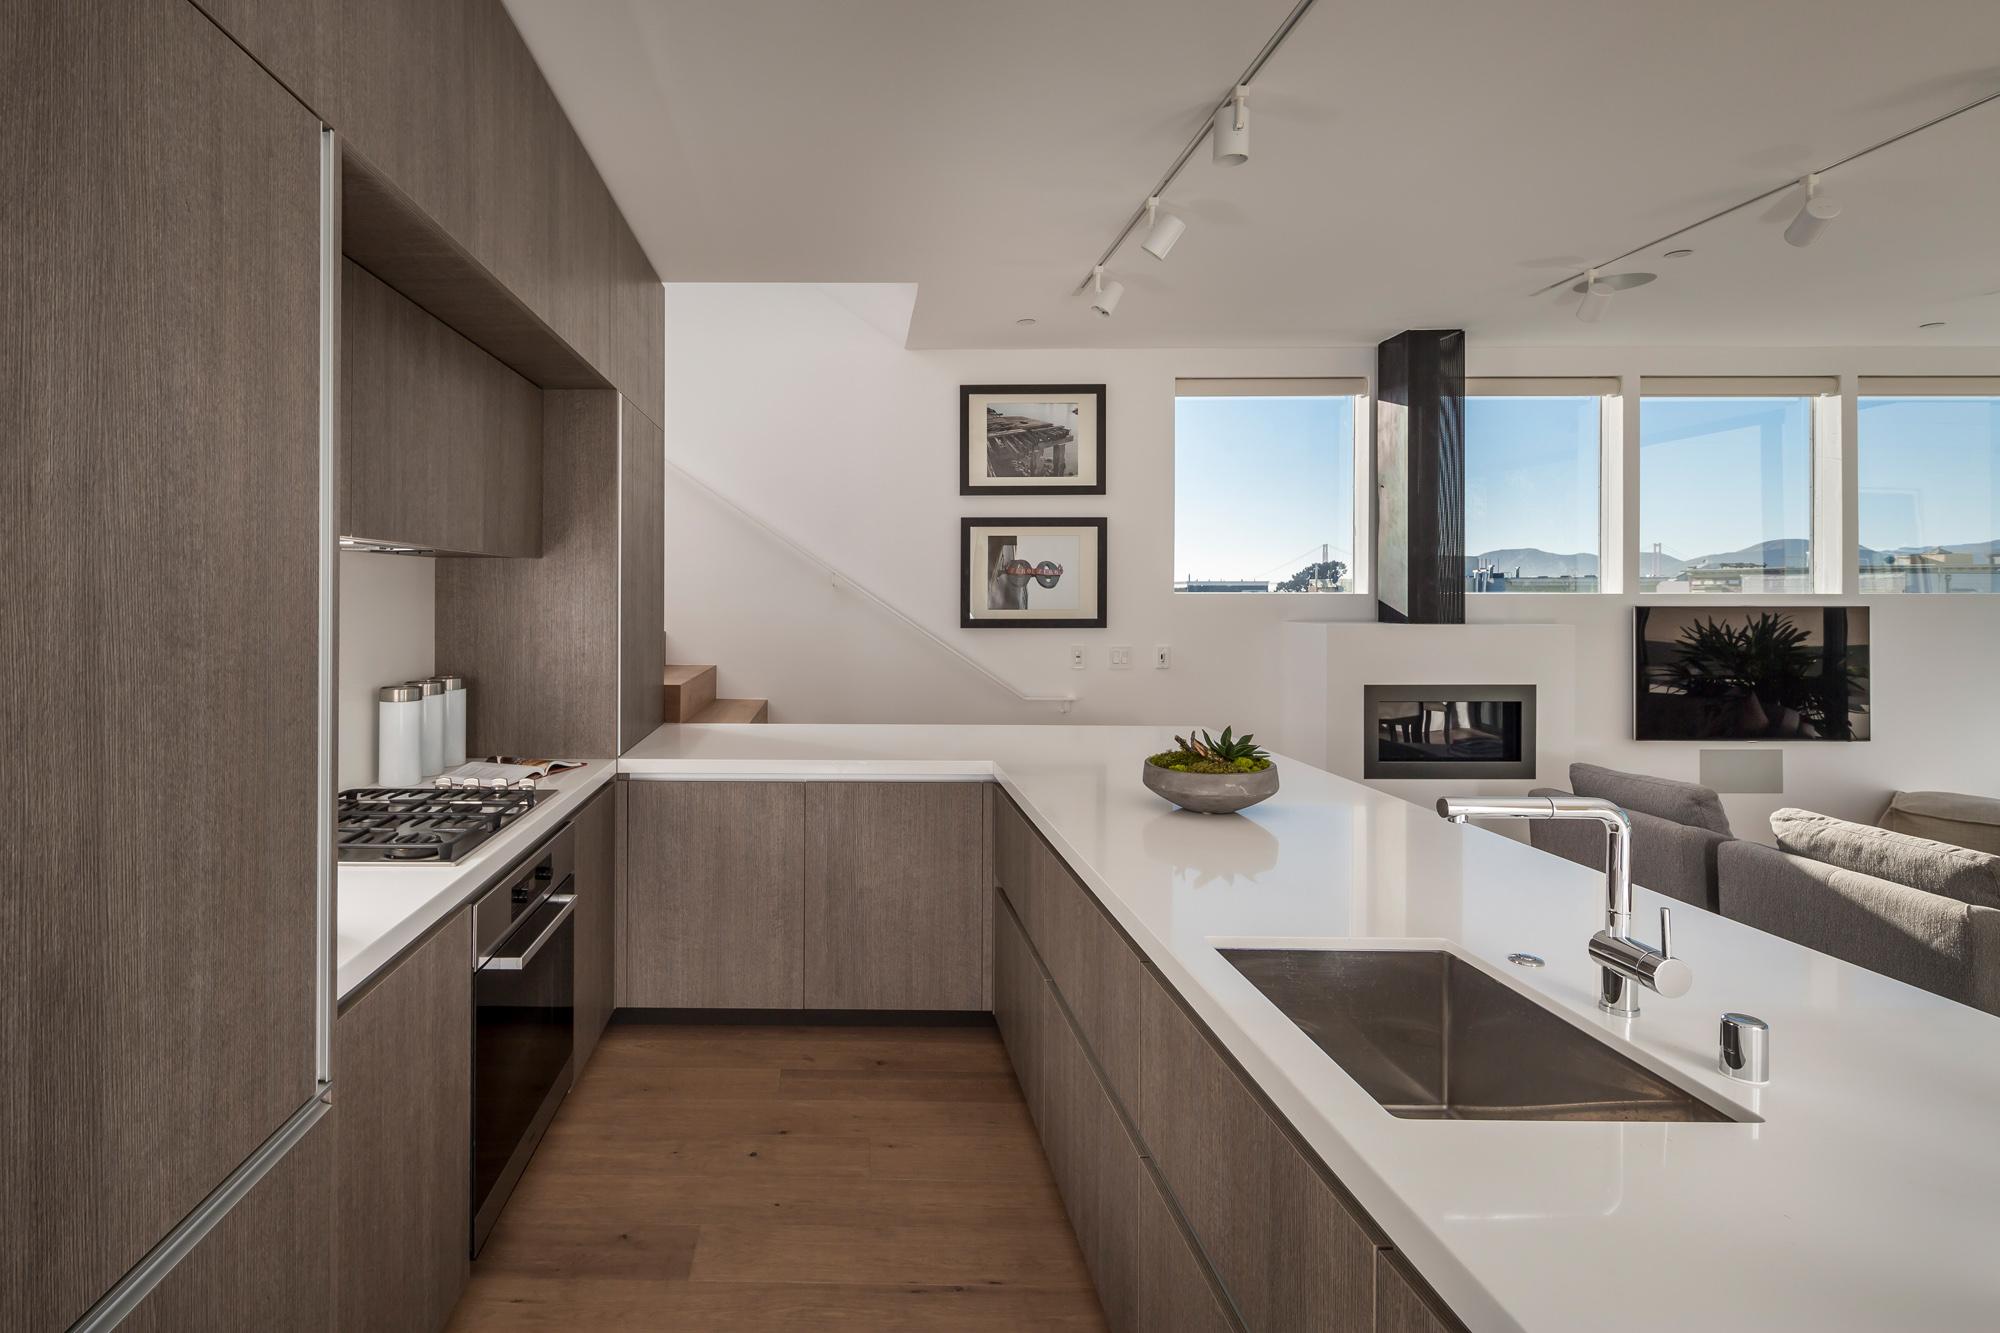 Kitchen_9621.jpg